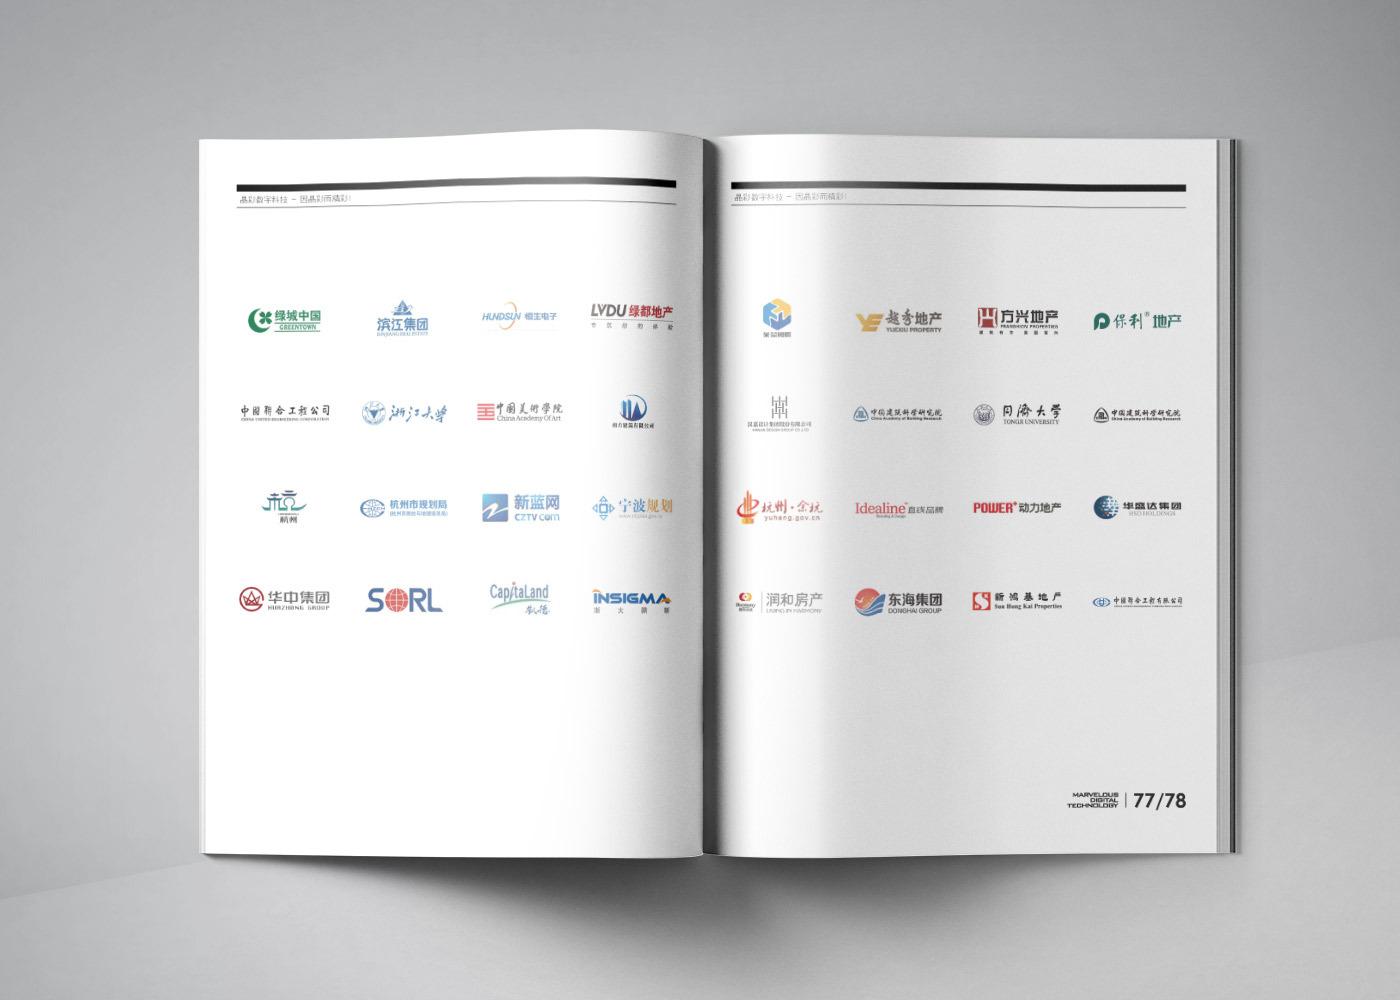 无限晶彩企业宣传册室内设计公司薪酬图片